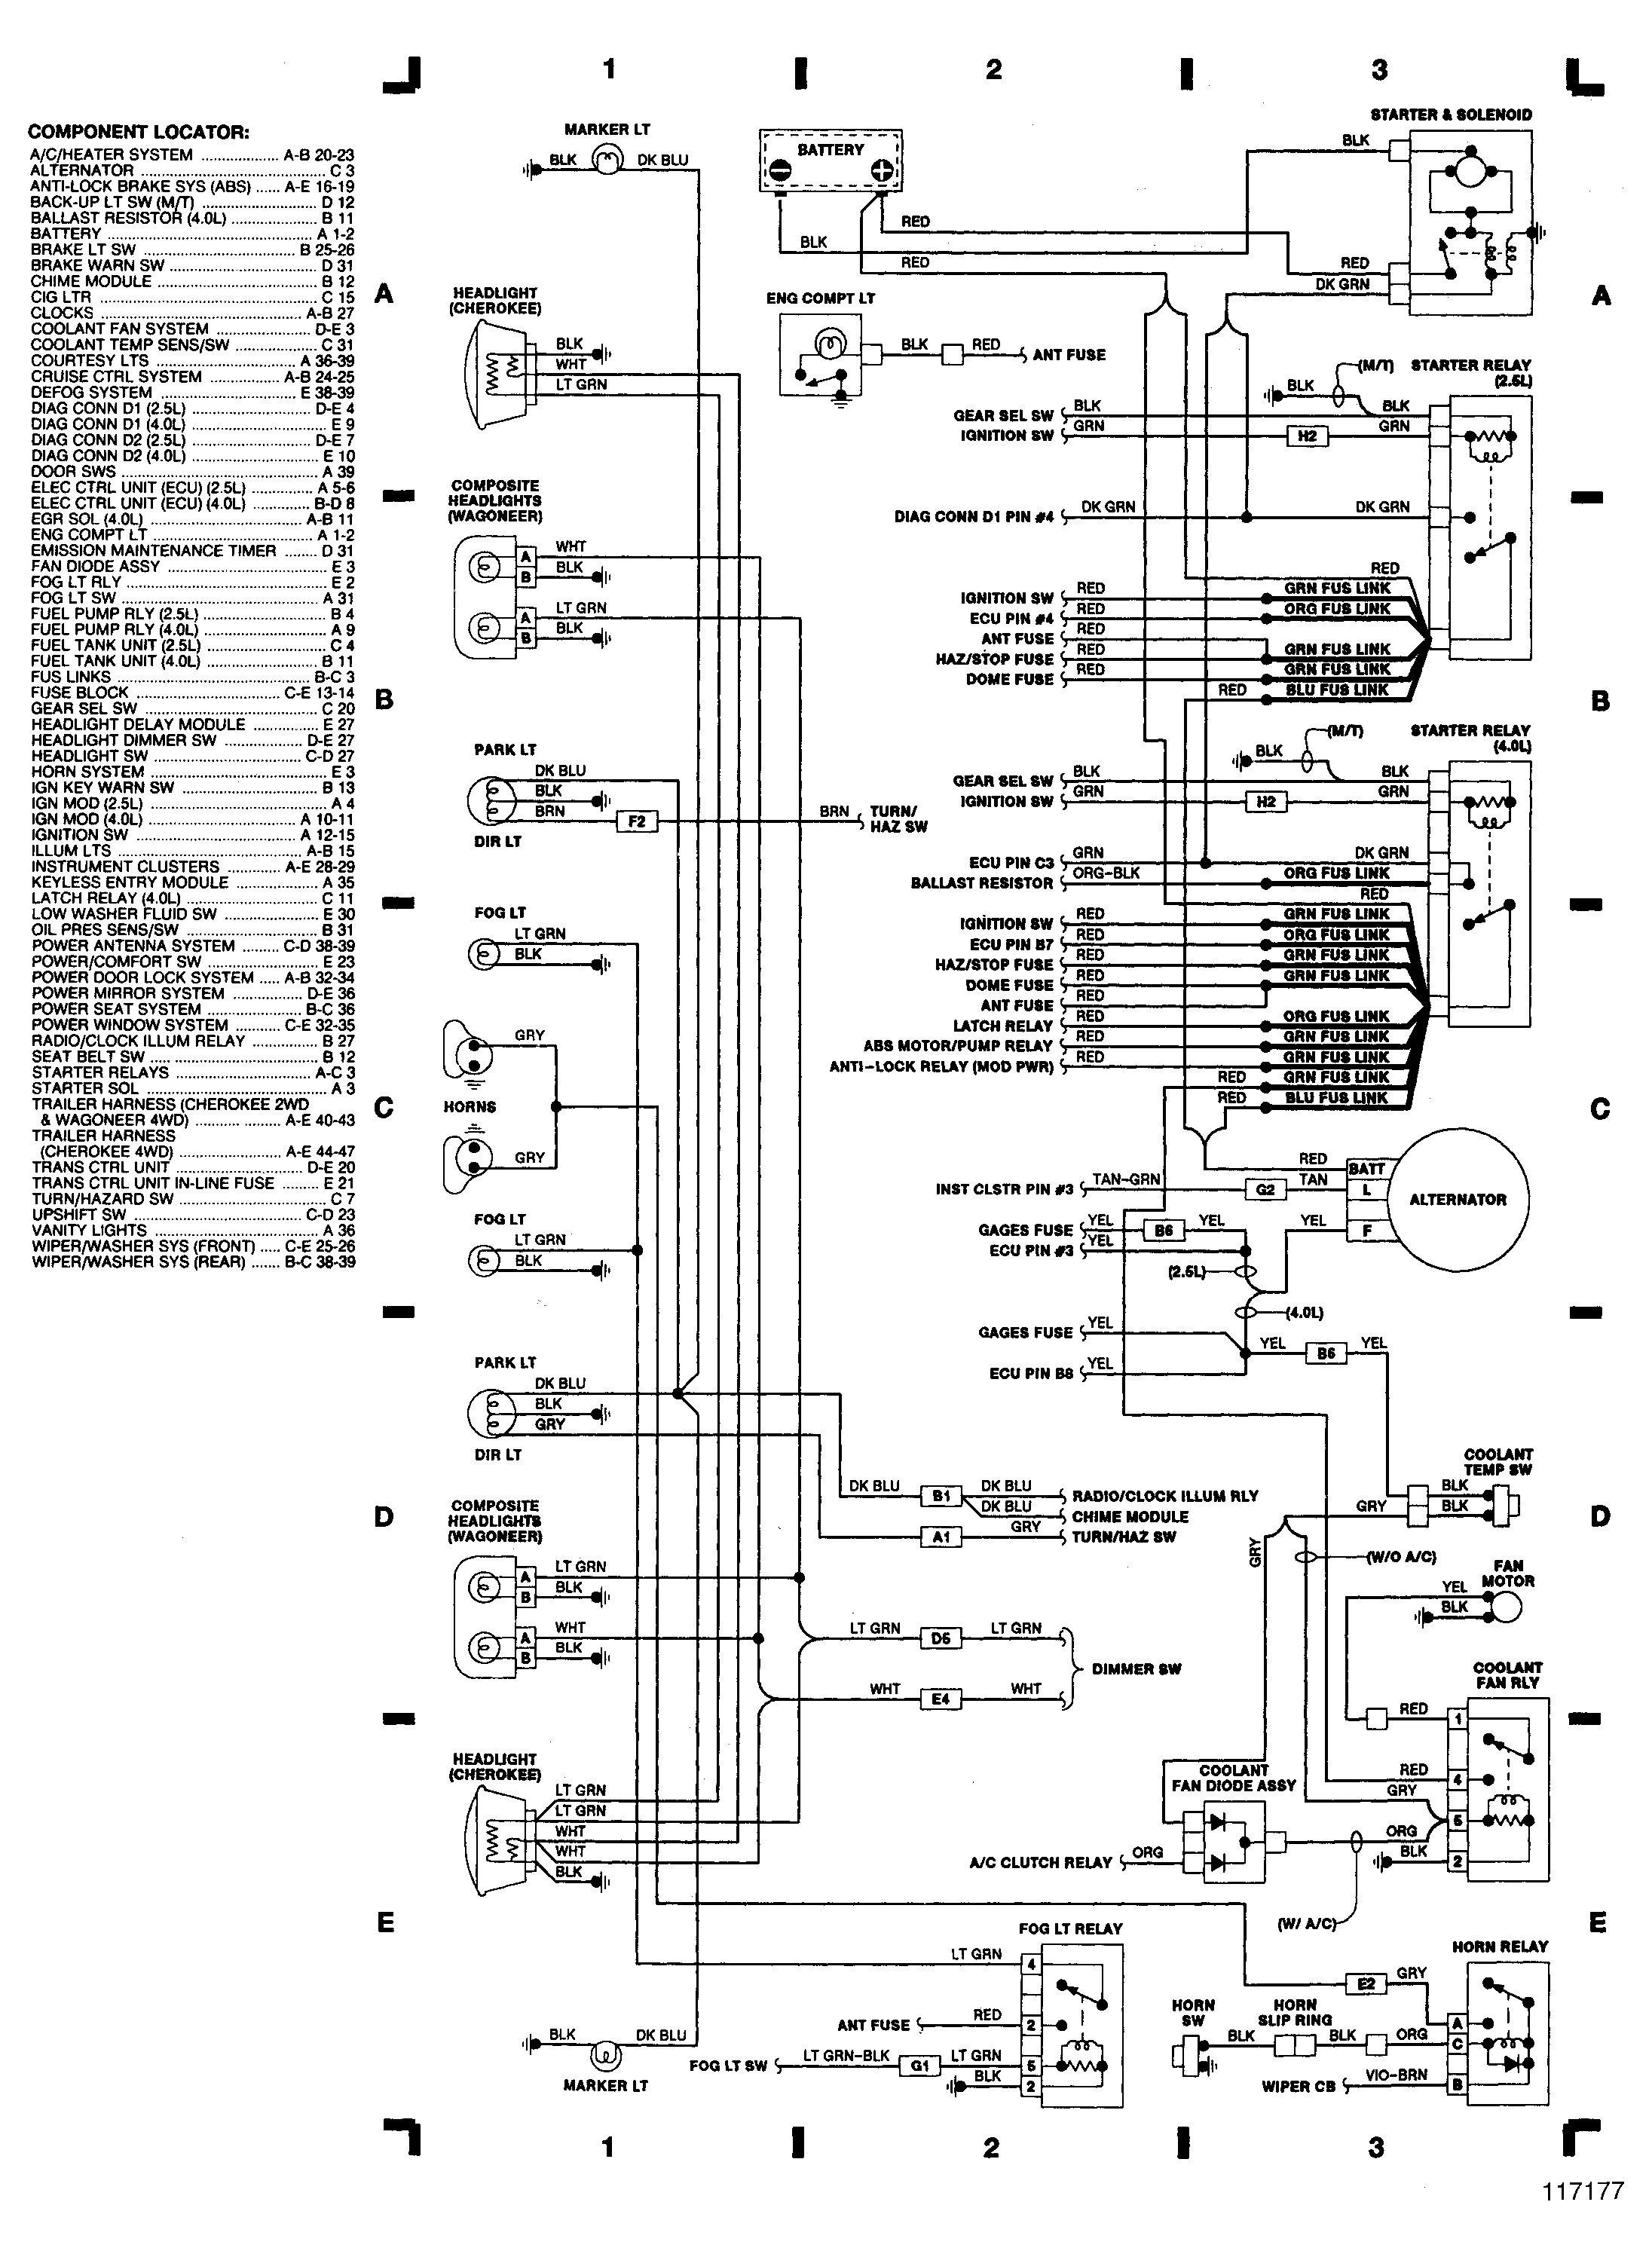 Marvelous M813 Wiring Diagram Wiring Diagram Wiring Cloud Eachirenstrafr09Org